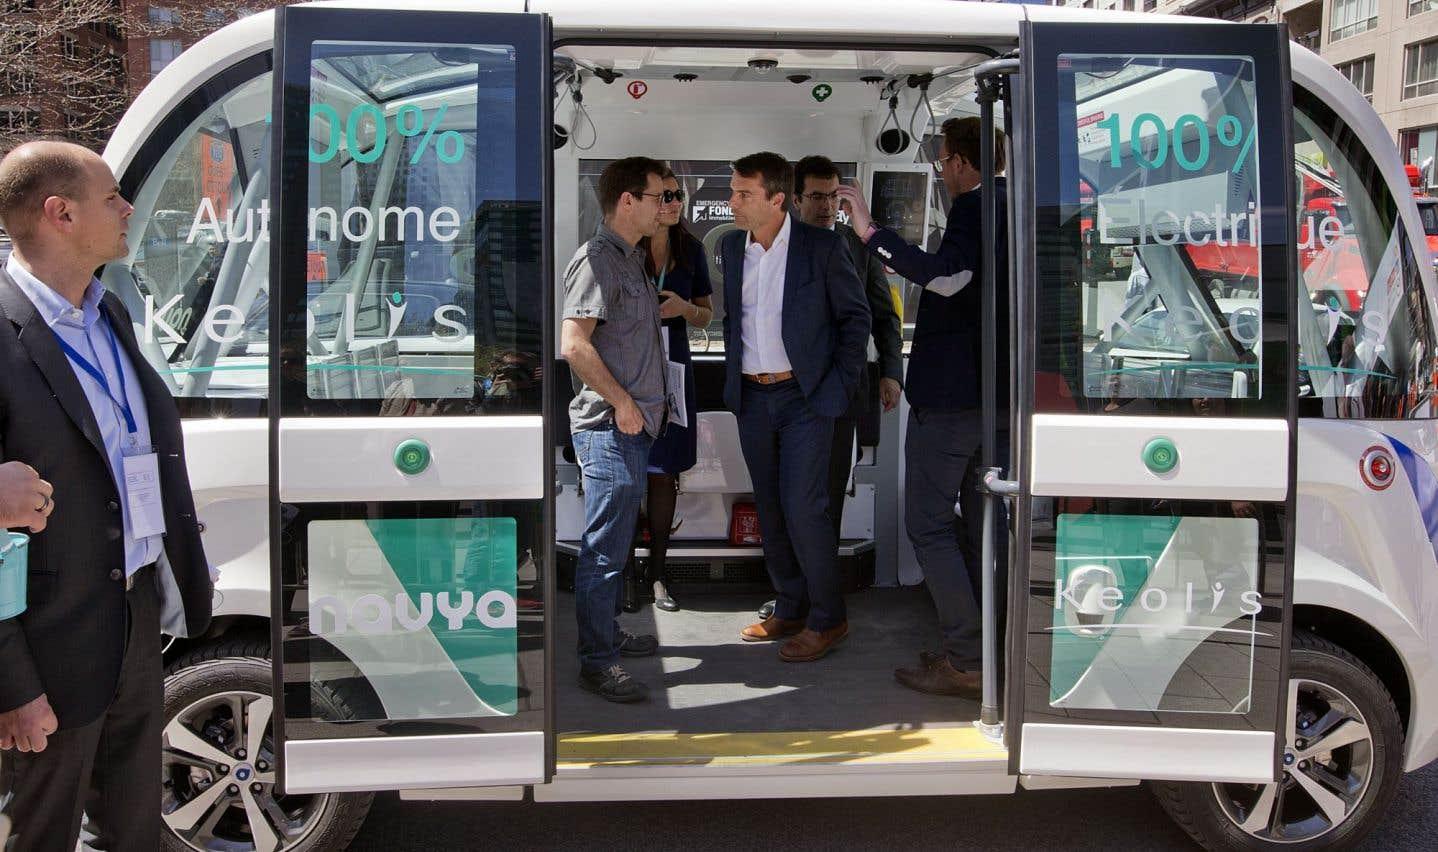 La semaine dernière, la Ville de Terrebonne a annoncé un éventuel projet pilote de véhicule «sans chauffeur», qui pourrait desservir l'écoquartier Urbanova.